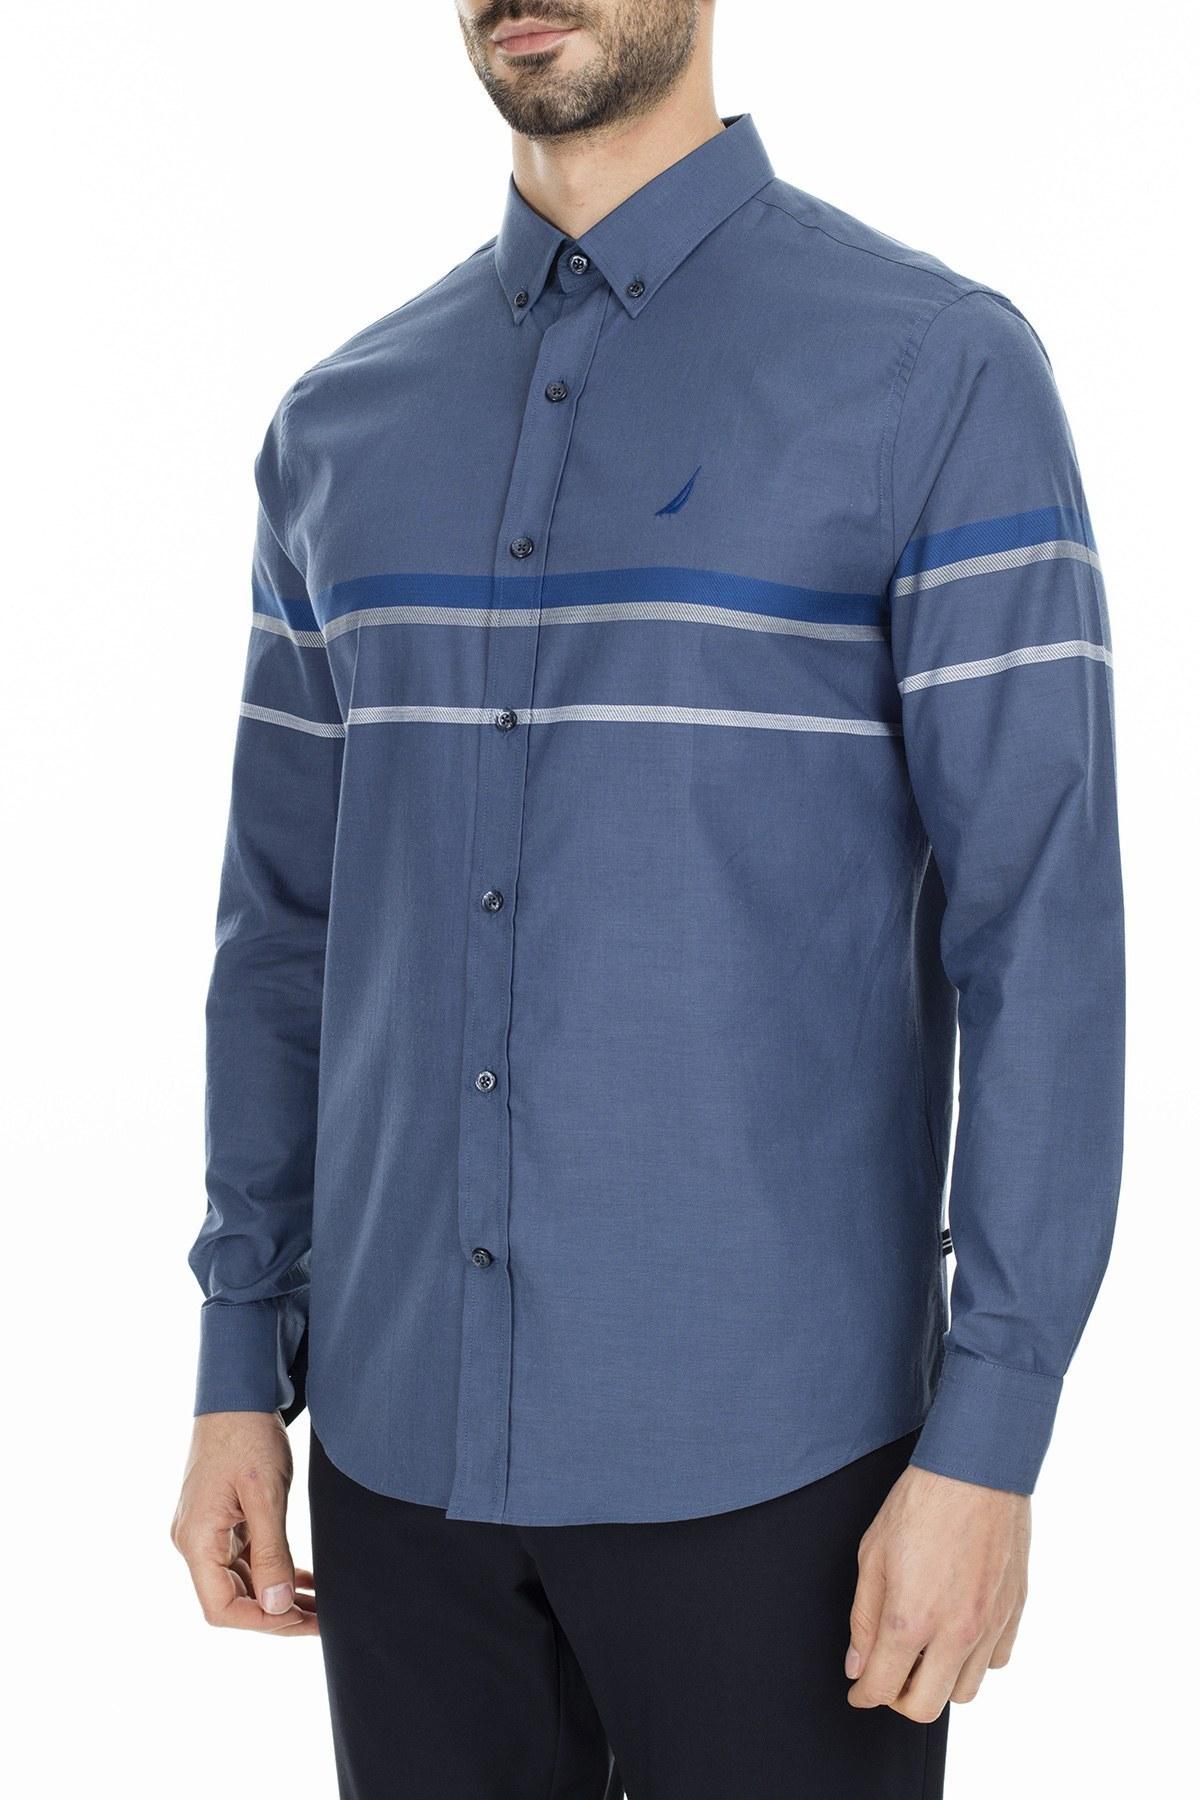 Nautica Slim Fit Erkek Gömlek W93035T 4ES LACİVERT